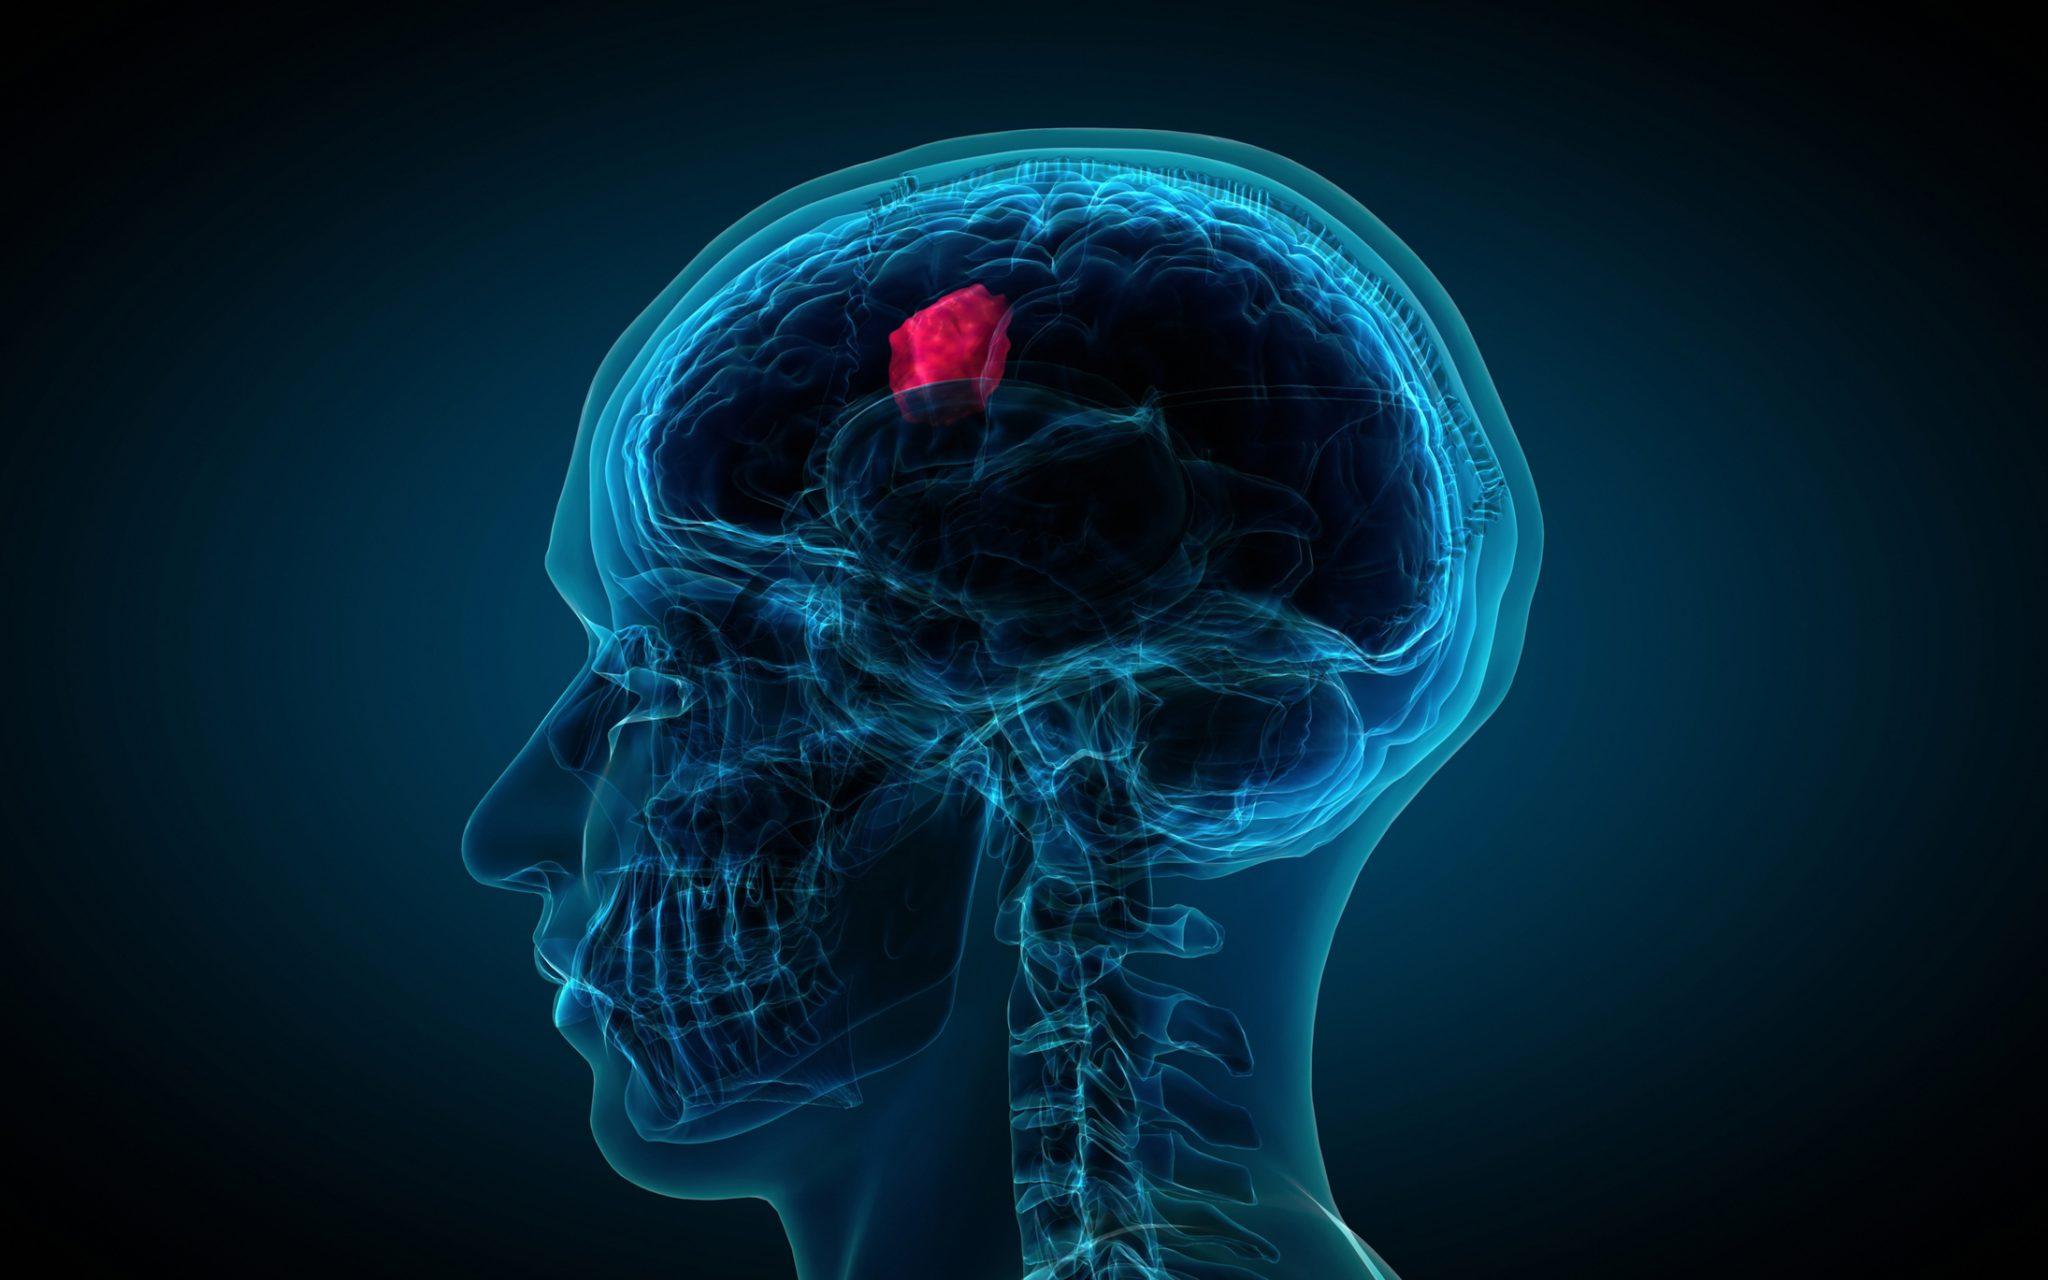 تومورهای مغزی خوش خیم و بدخیم